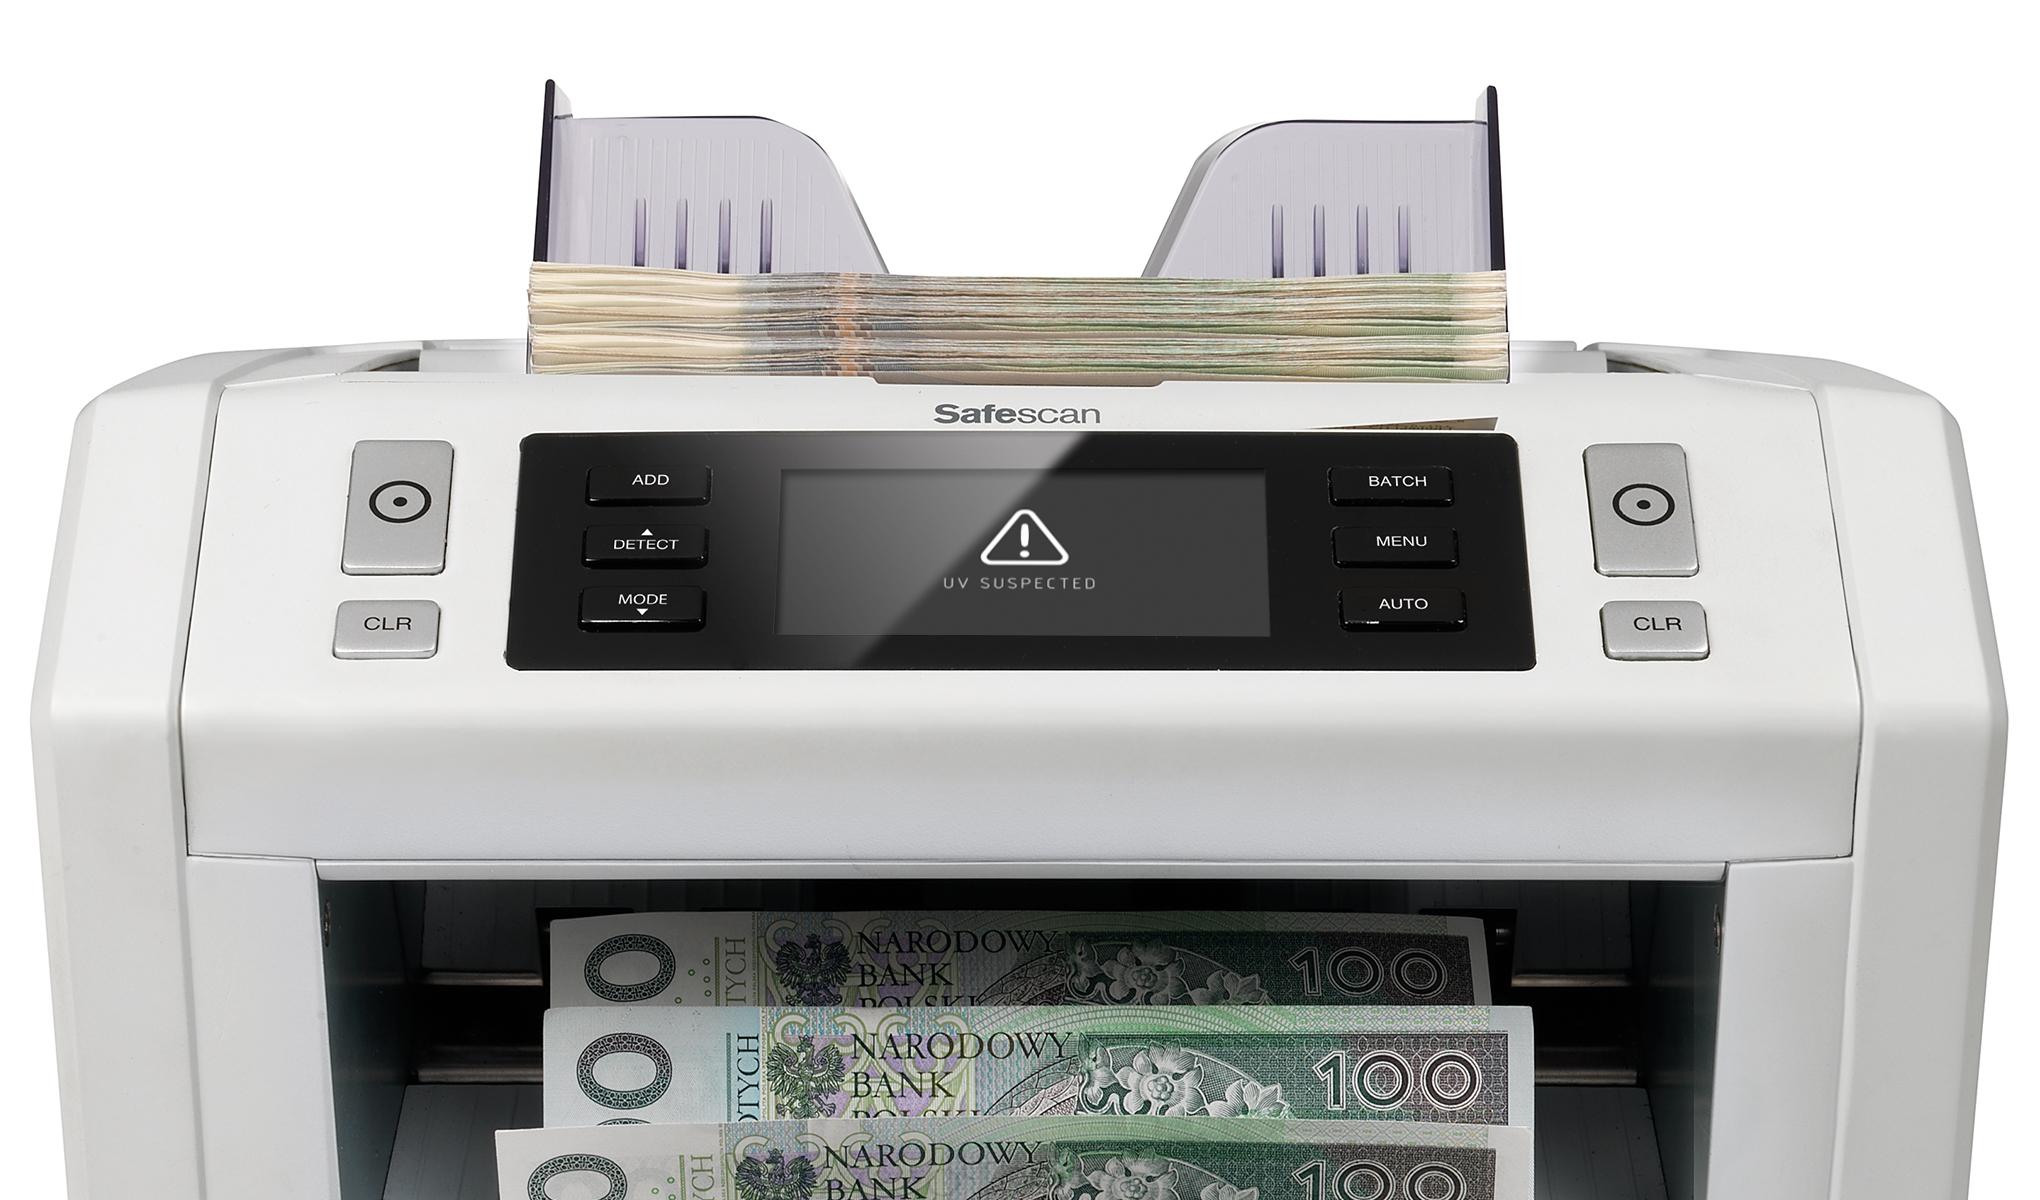 safescan-2660-weryfikacja-autentycznosci